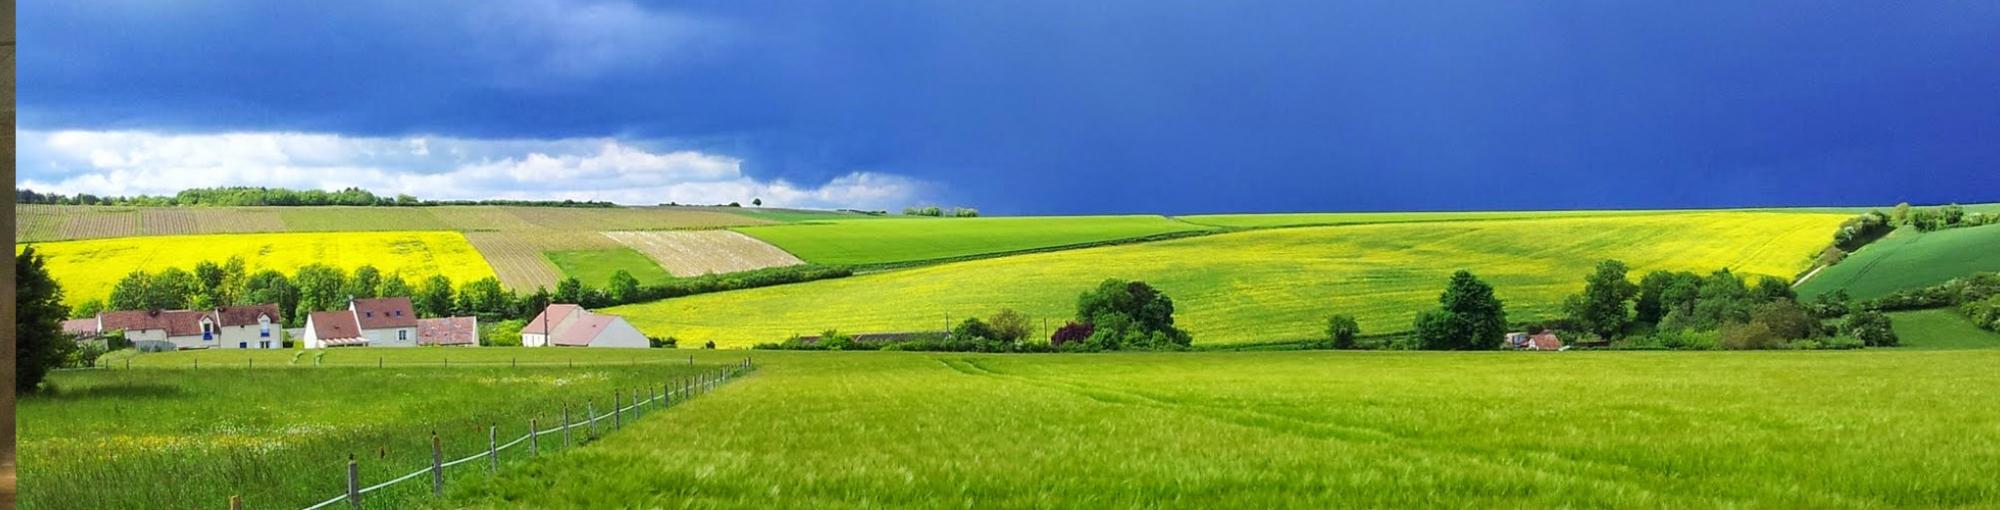 Greenopoli = Condivisione + Sostenibilità